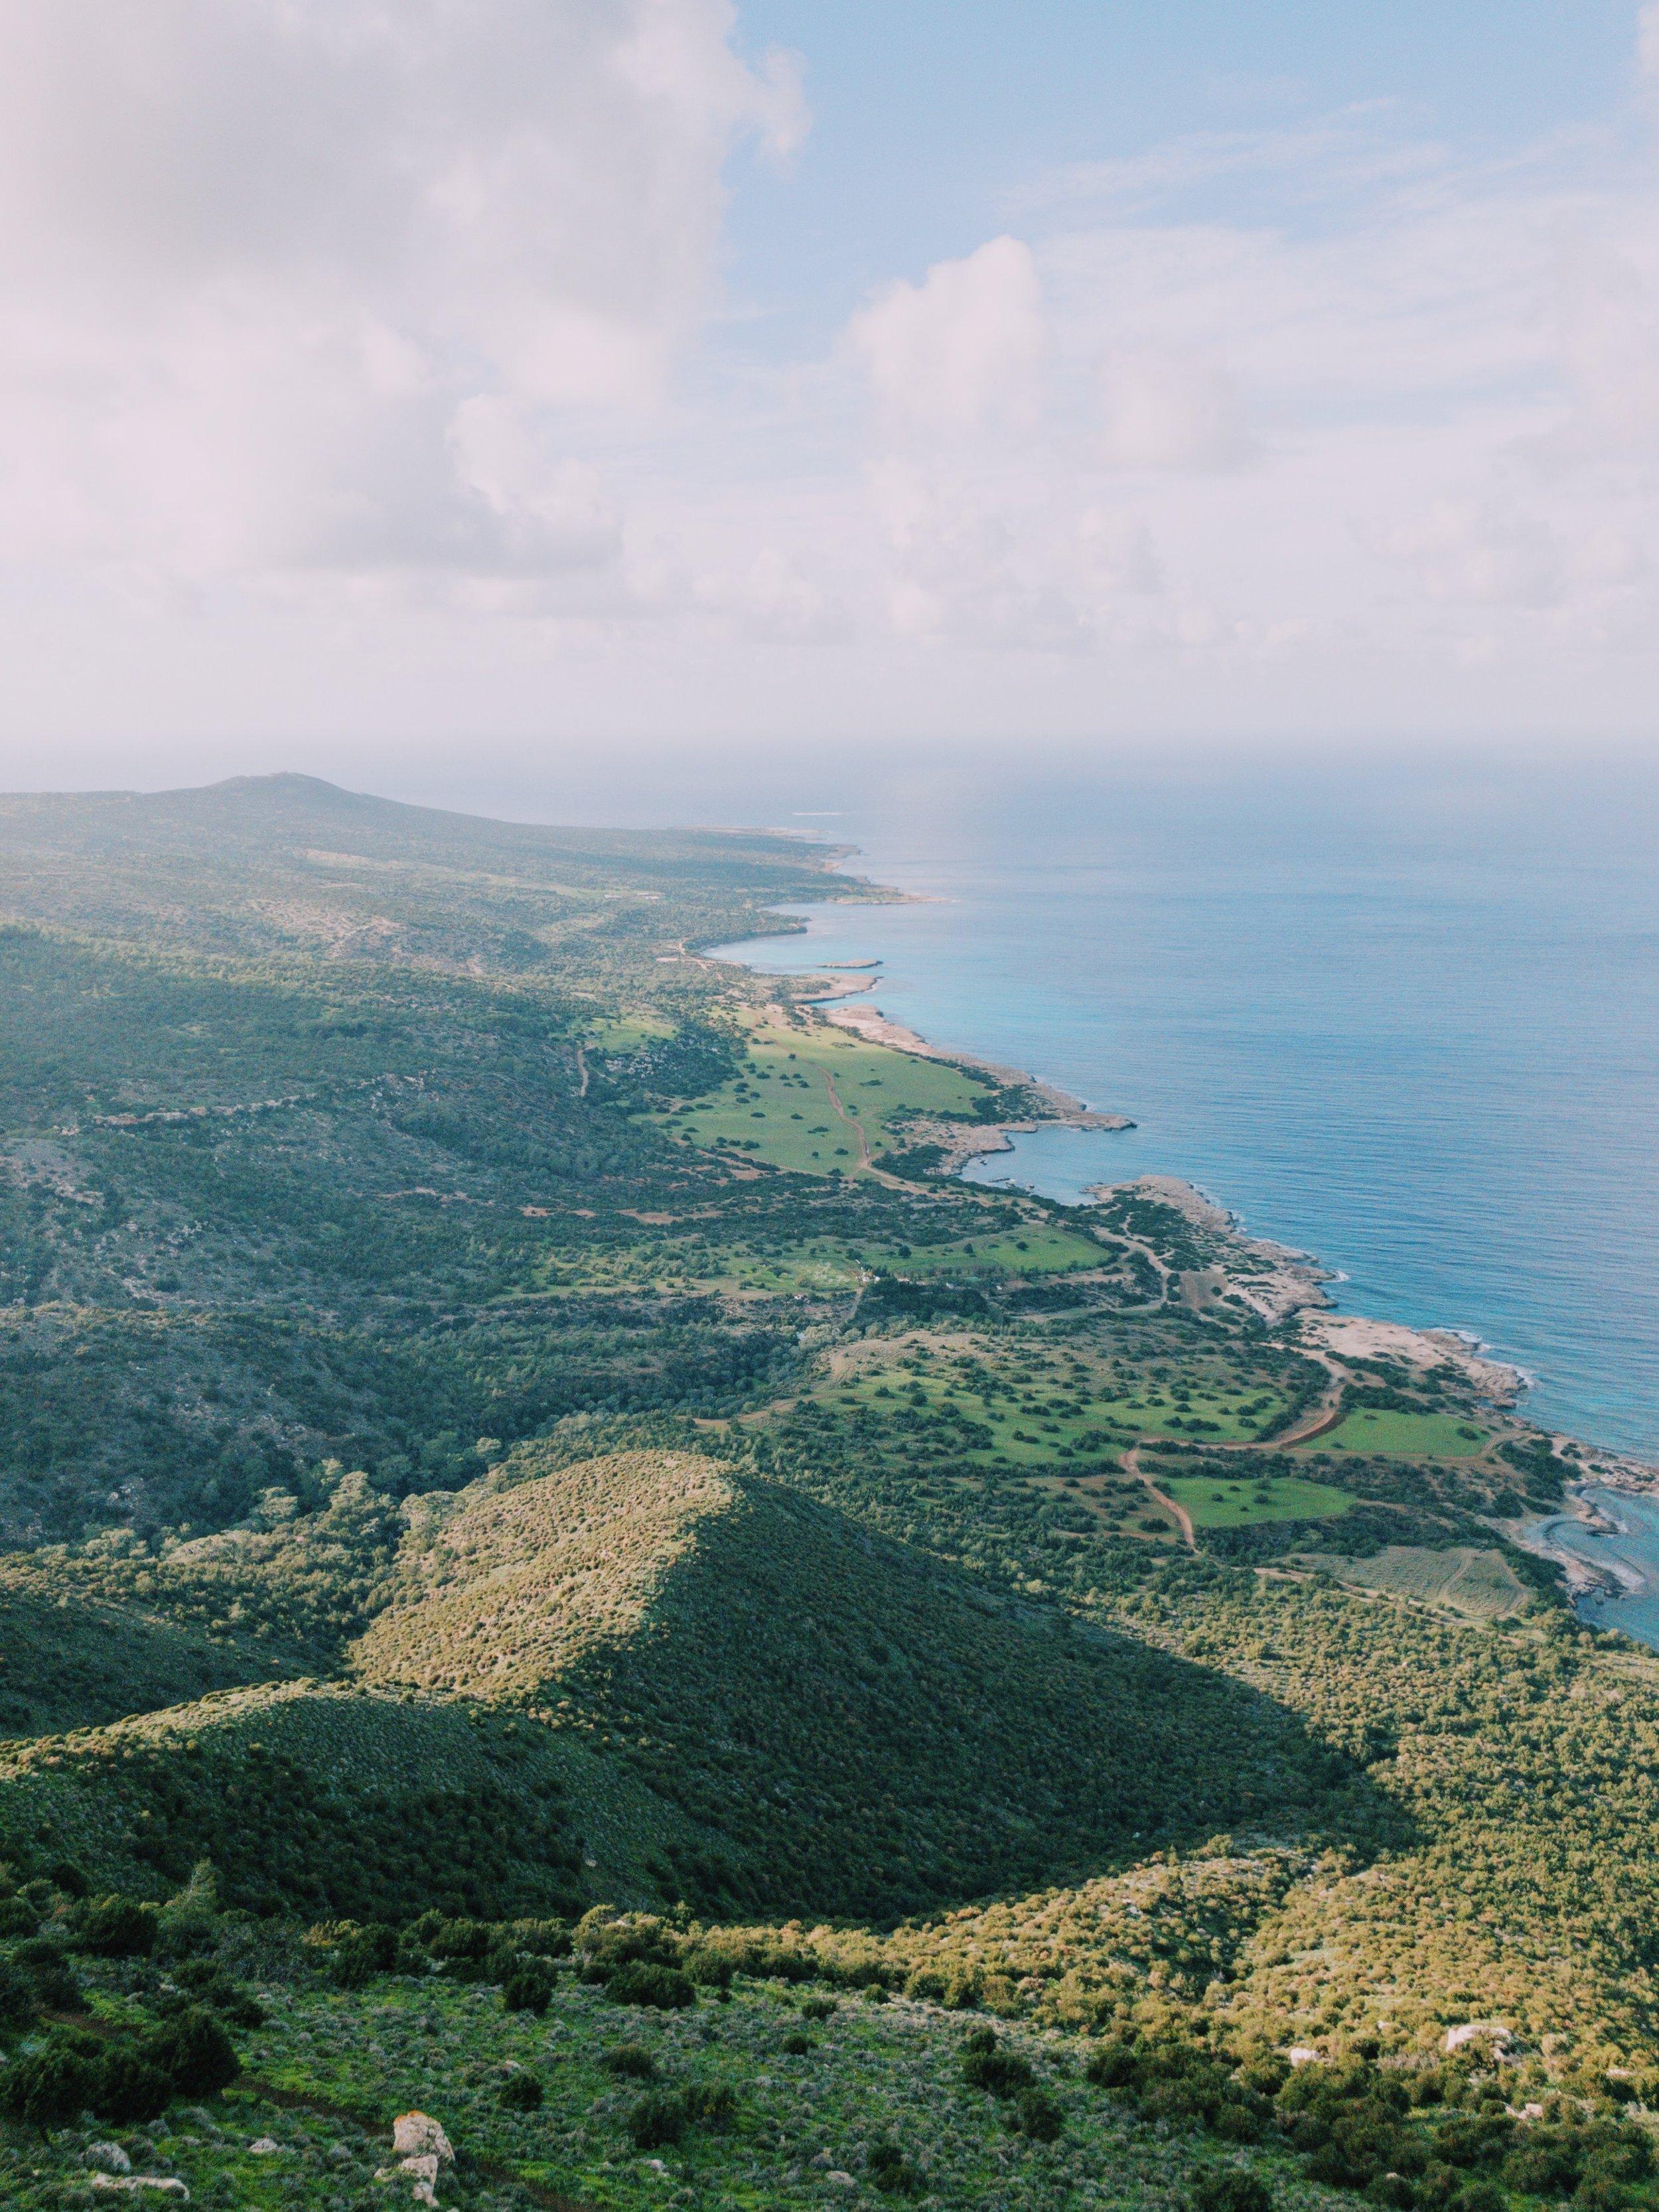 The view on Akamas Peninsula as seen from the peak of Moutti tis Sotiras.